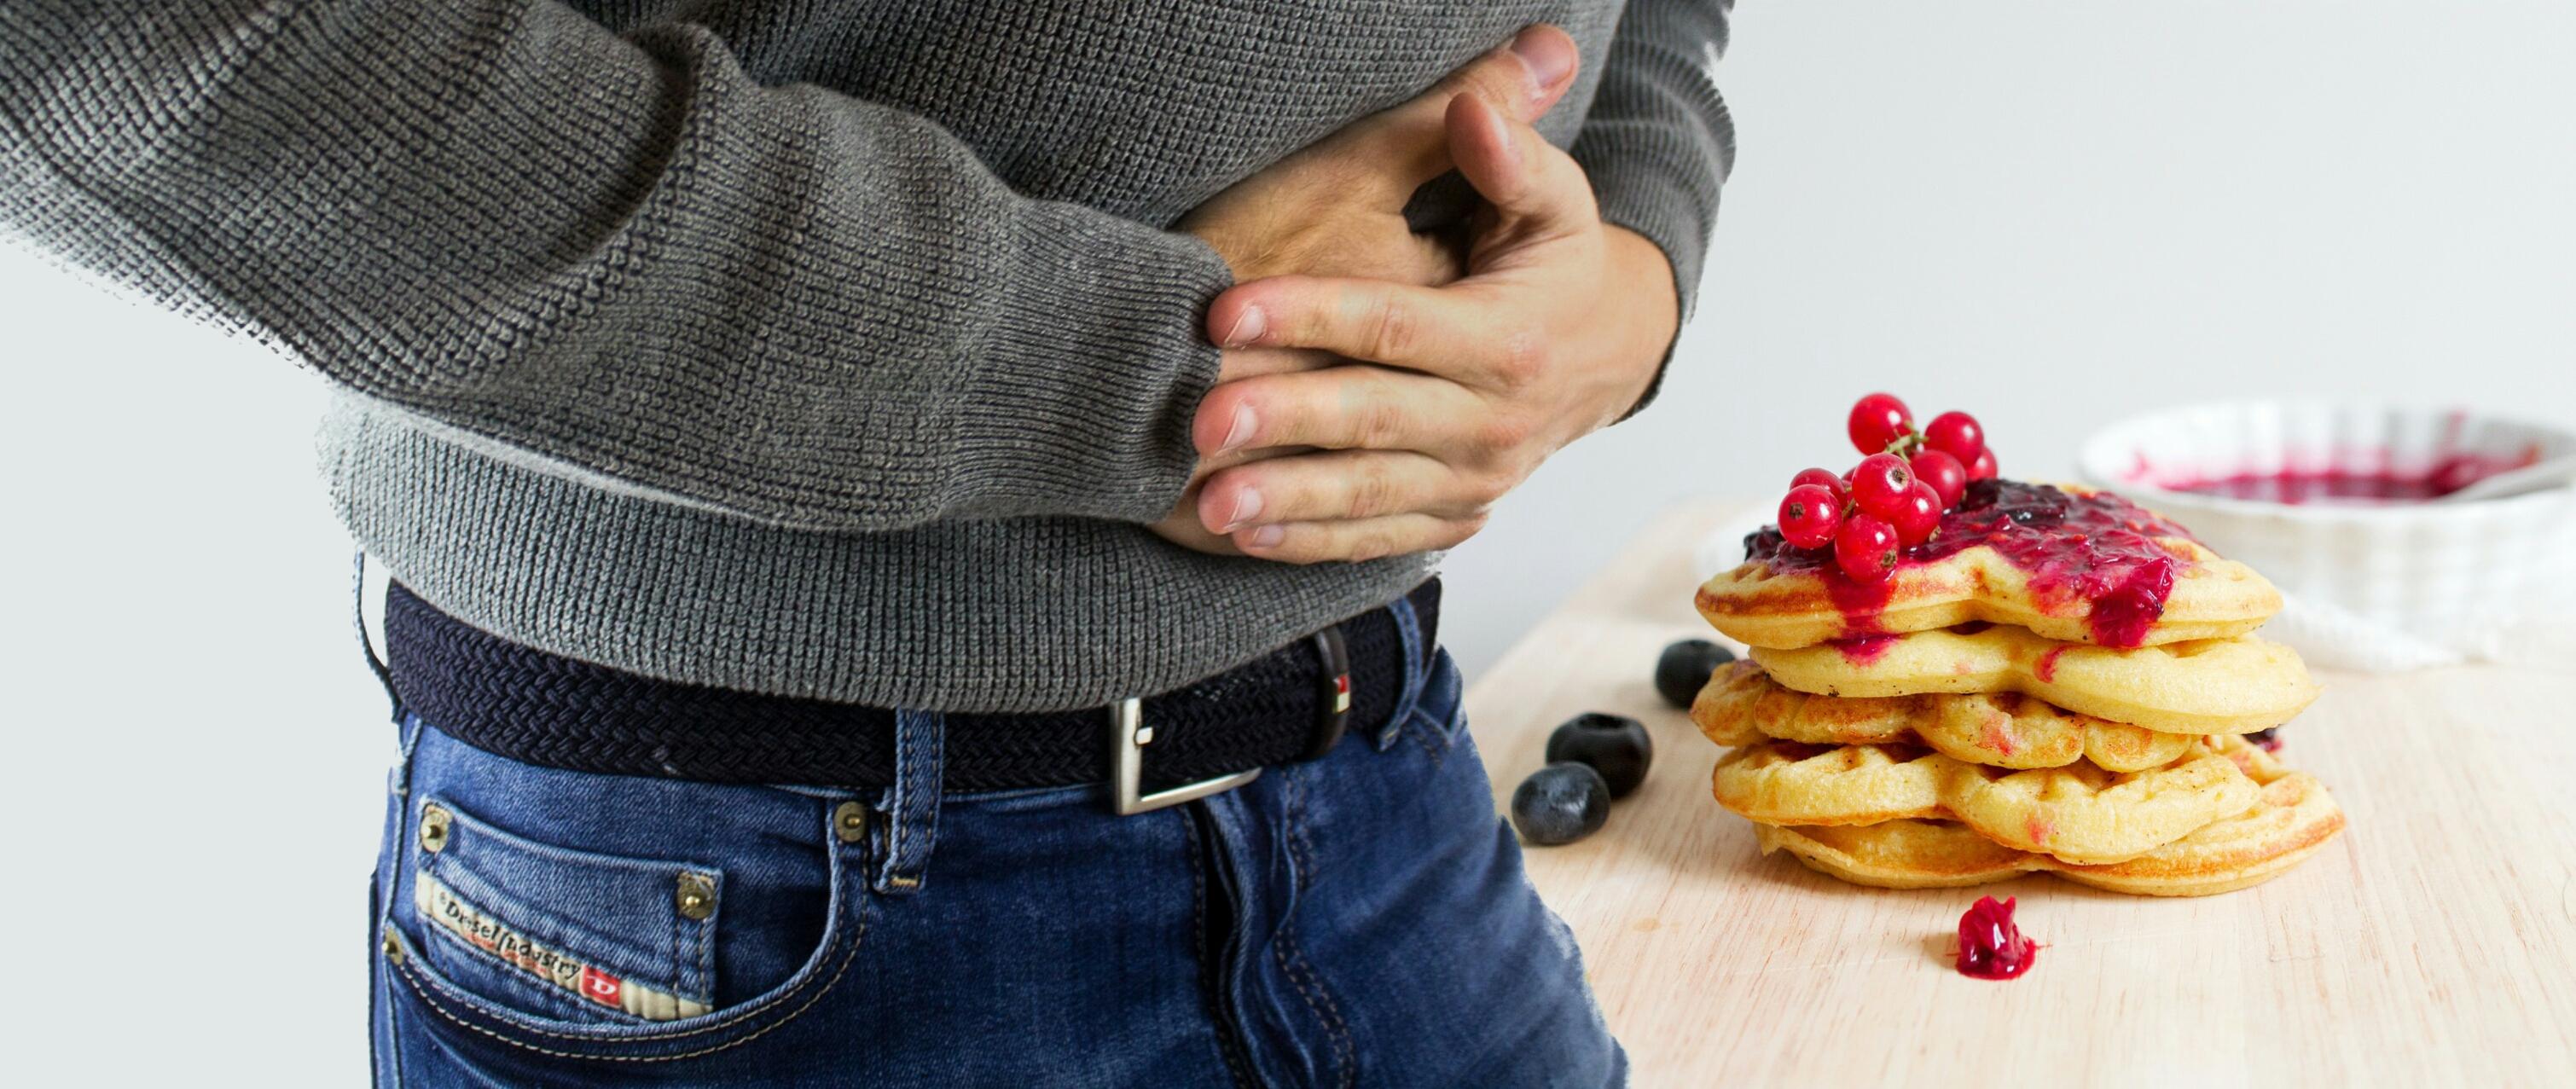 картинки : Желудок, здоровье, диета, Десерт, принимать ...